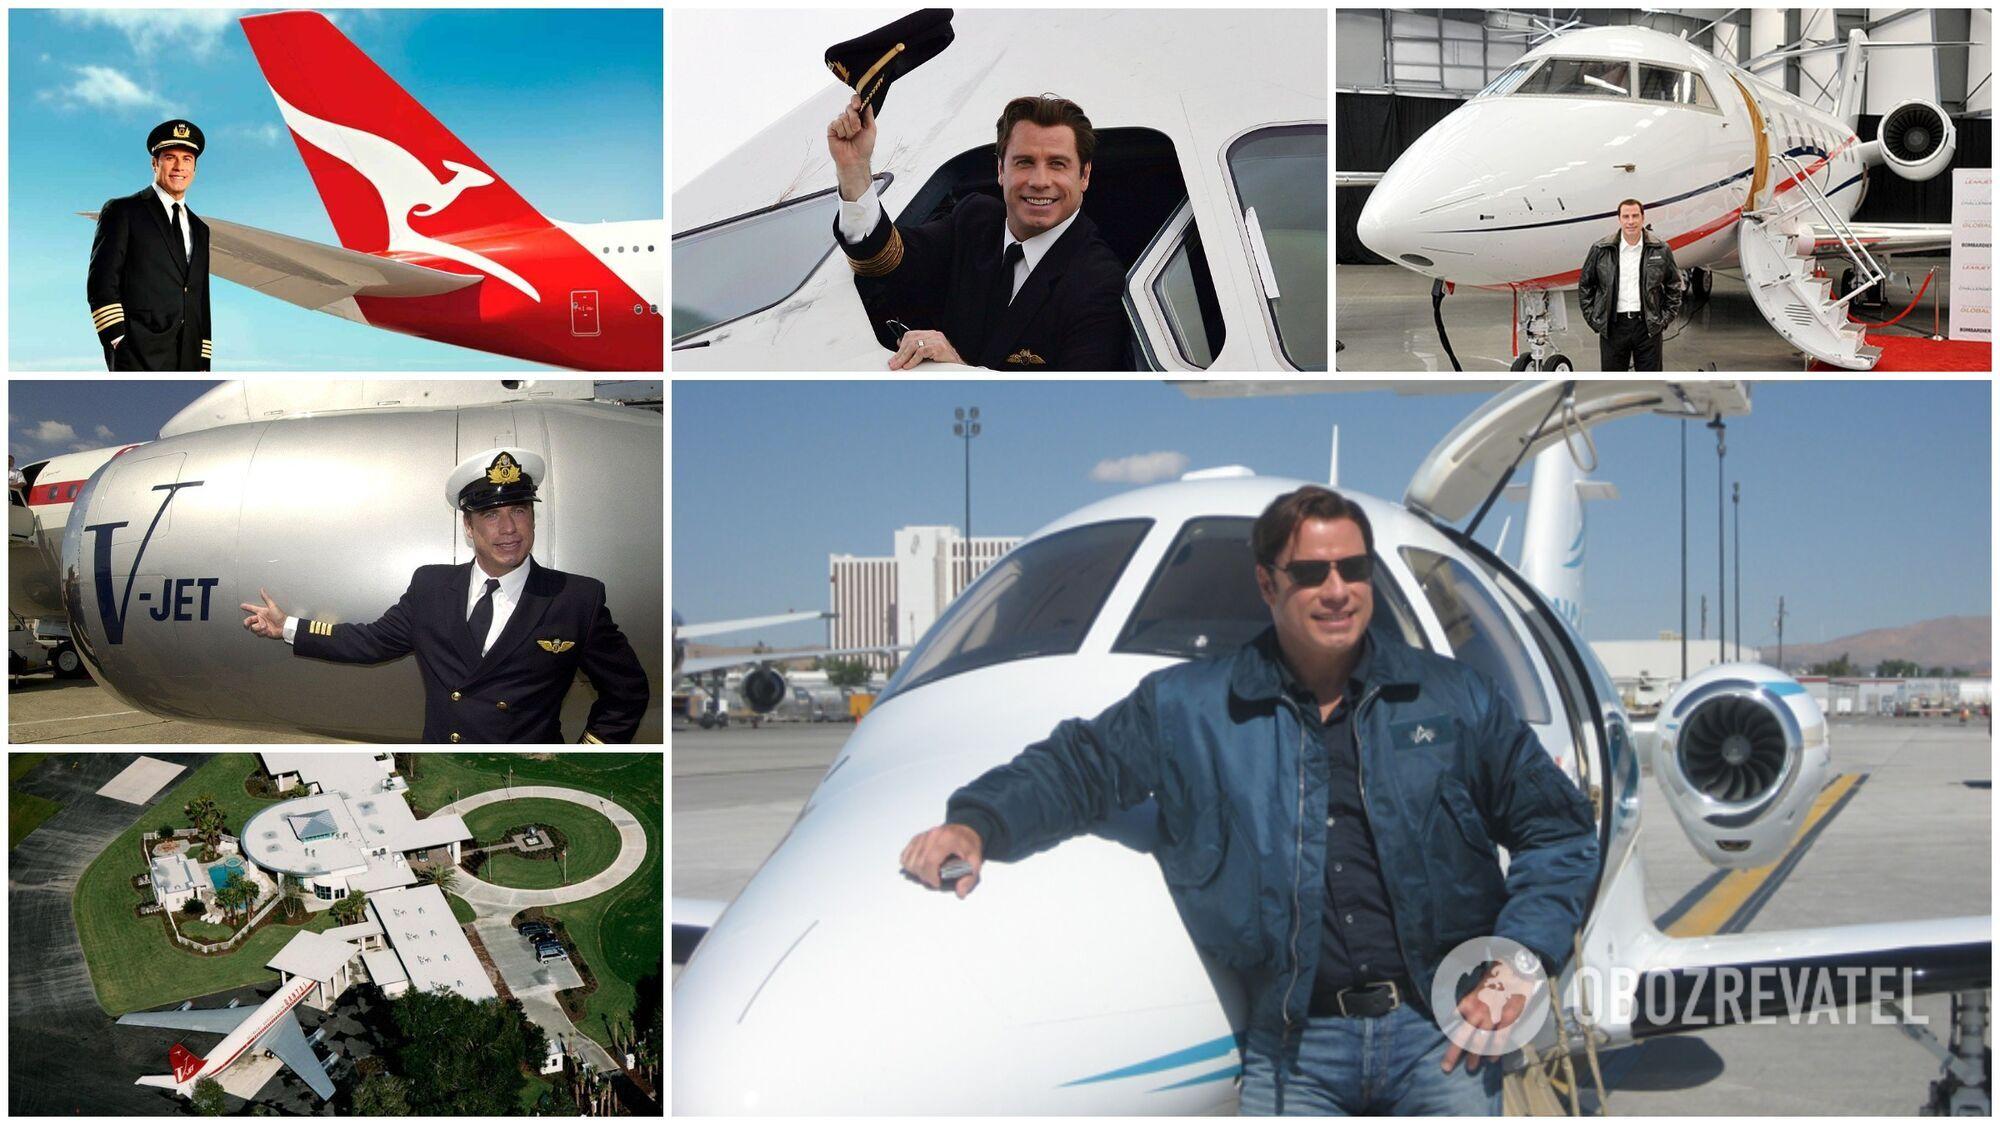 Джон Траволта має найбільший ангар літаків у Голлівуді